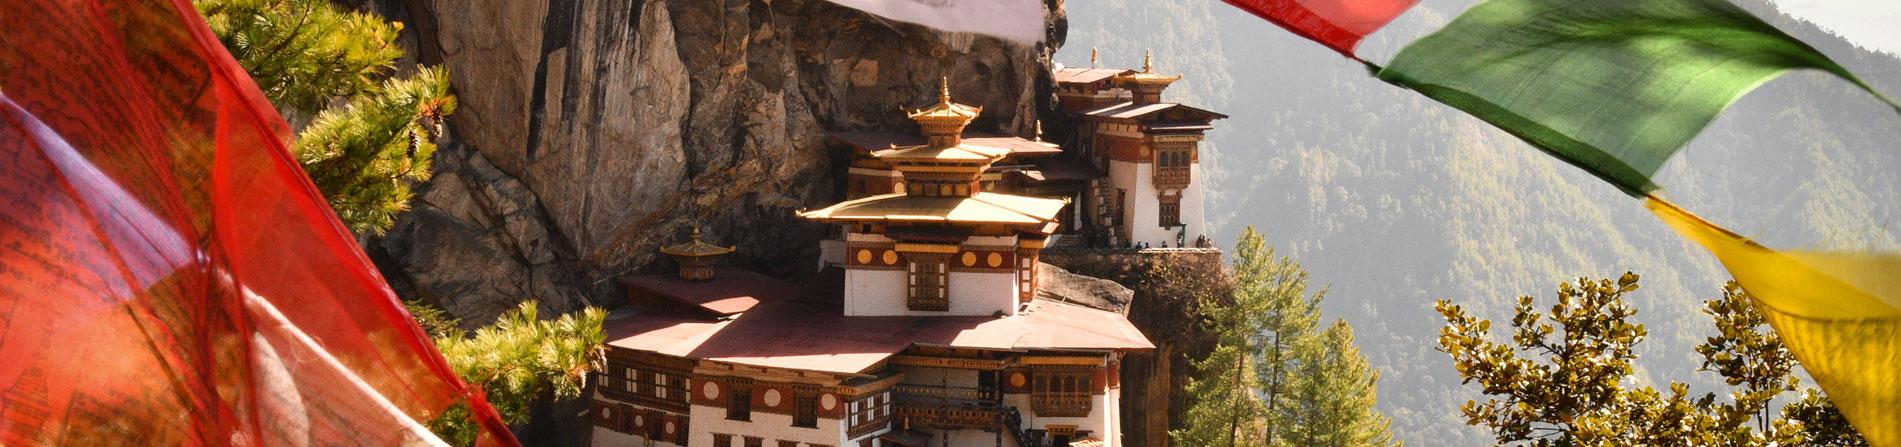 Himalaya – Gipfel, Götter, Glücksmomente 01